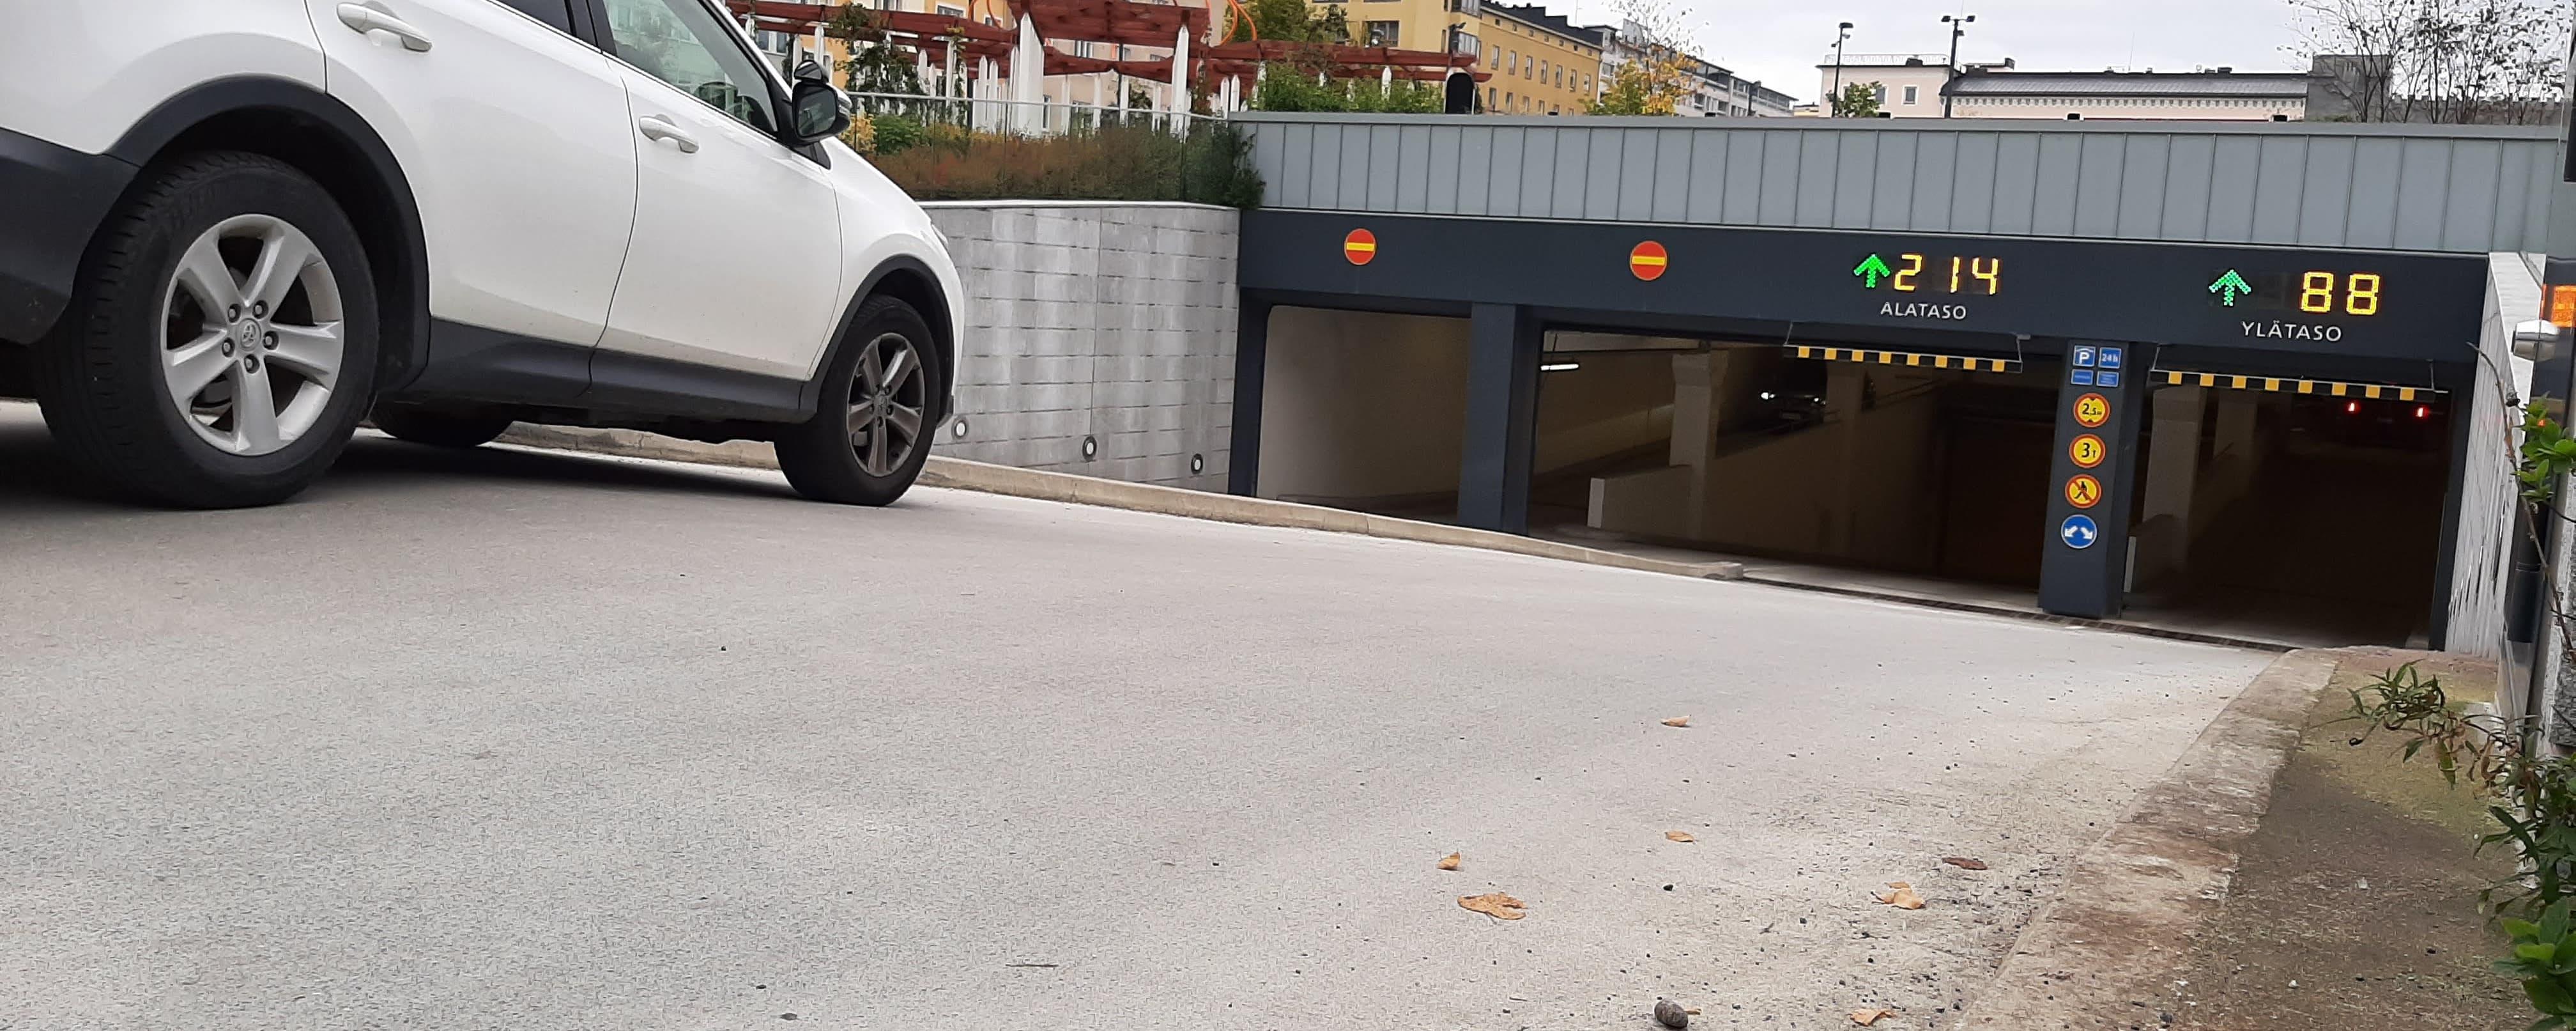 Valkoinen henkilöauto ajaa pysäköintihallin luiskaa pitkin kohti sisäänkäyntejä. Sisäänkäyntien yllä on valokirjaimin ilmoitettu, kuinka monta paikkaa on vapaana.